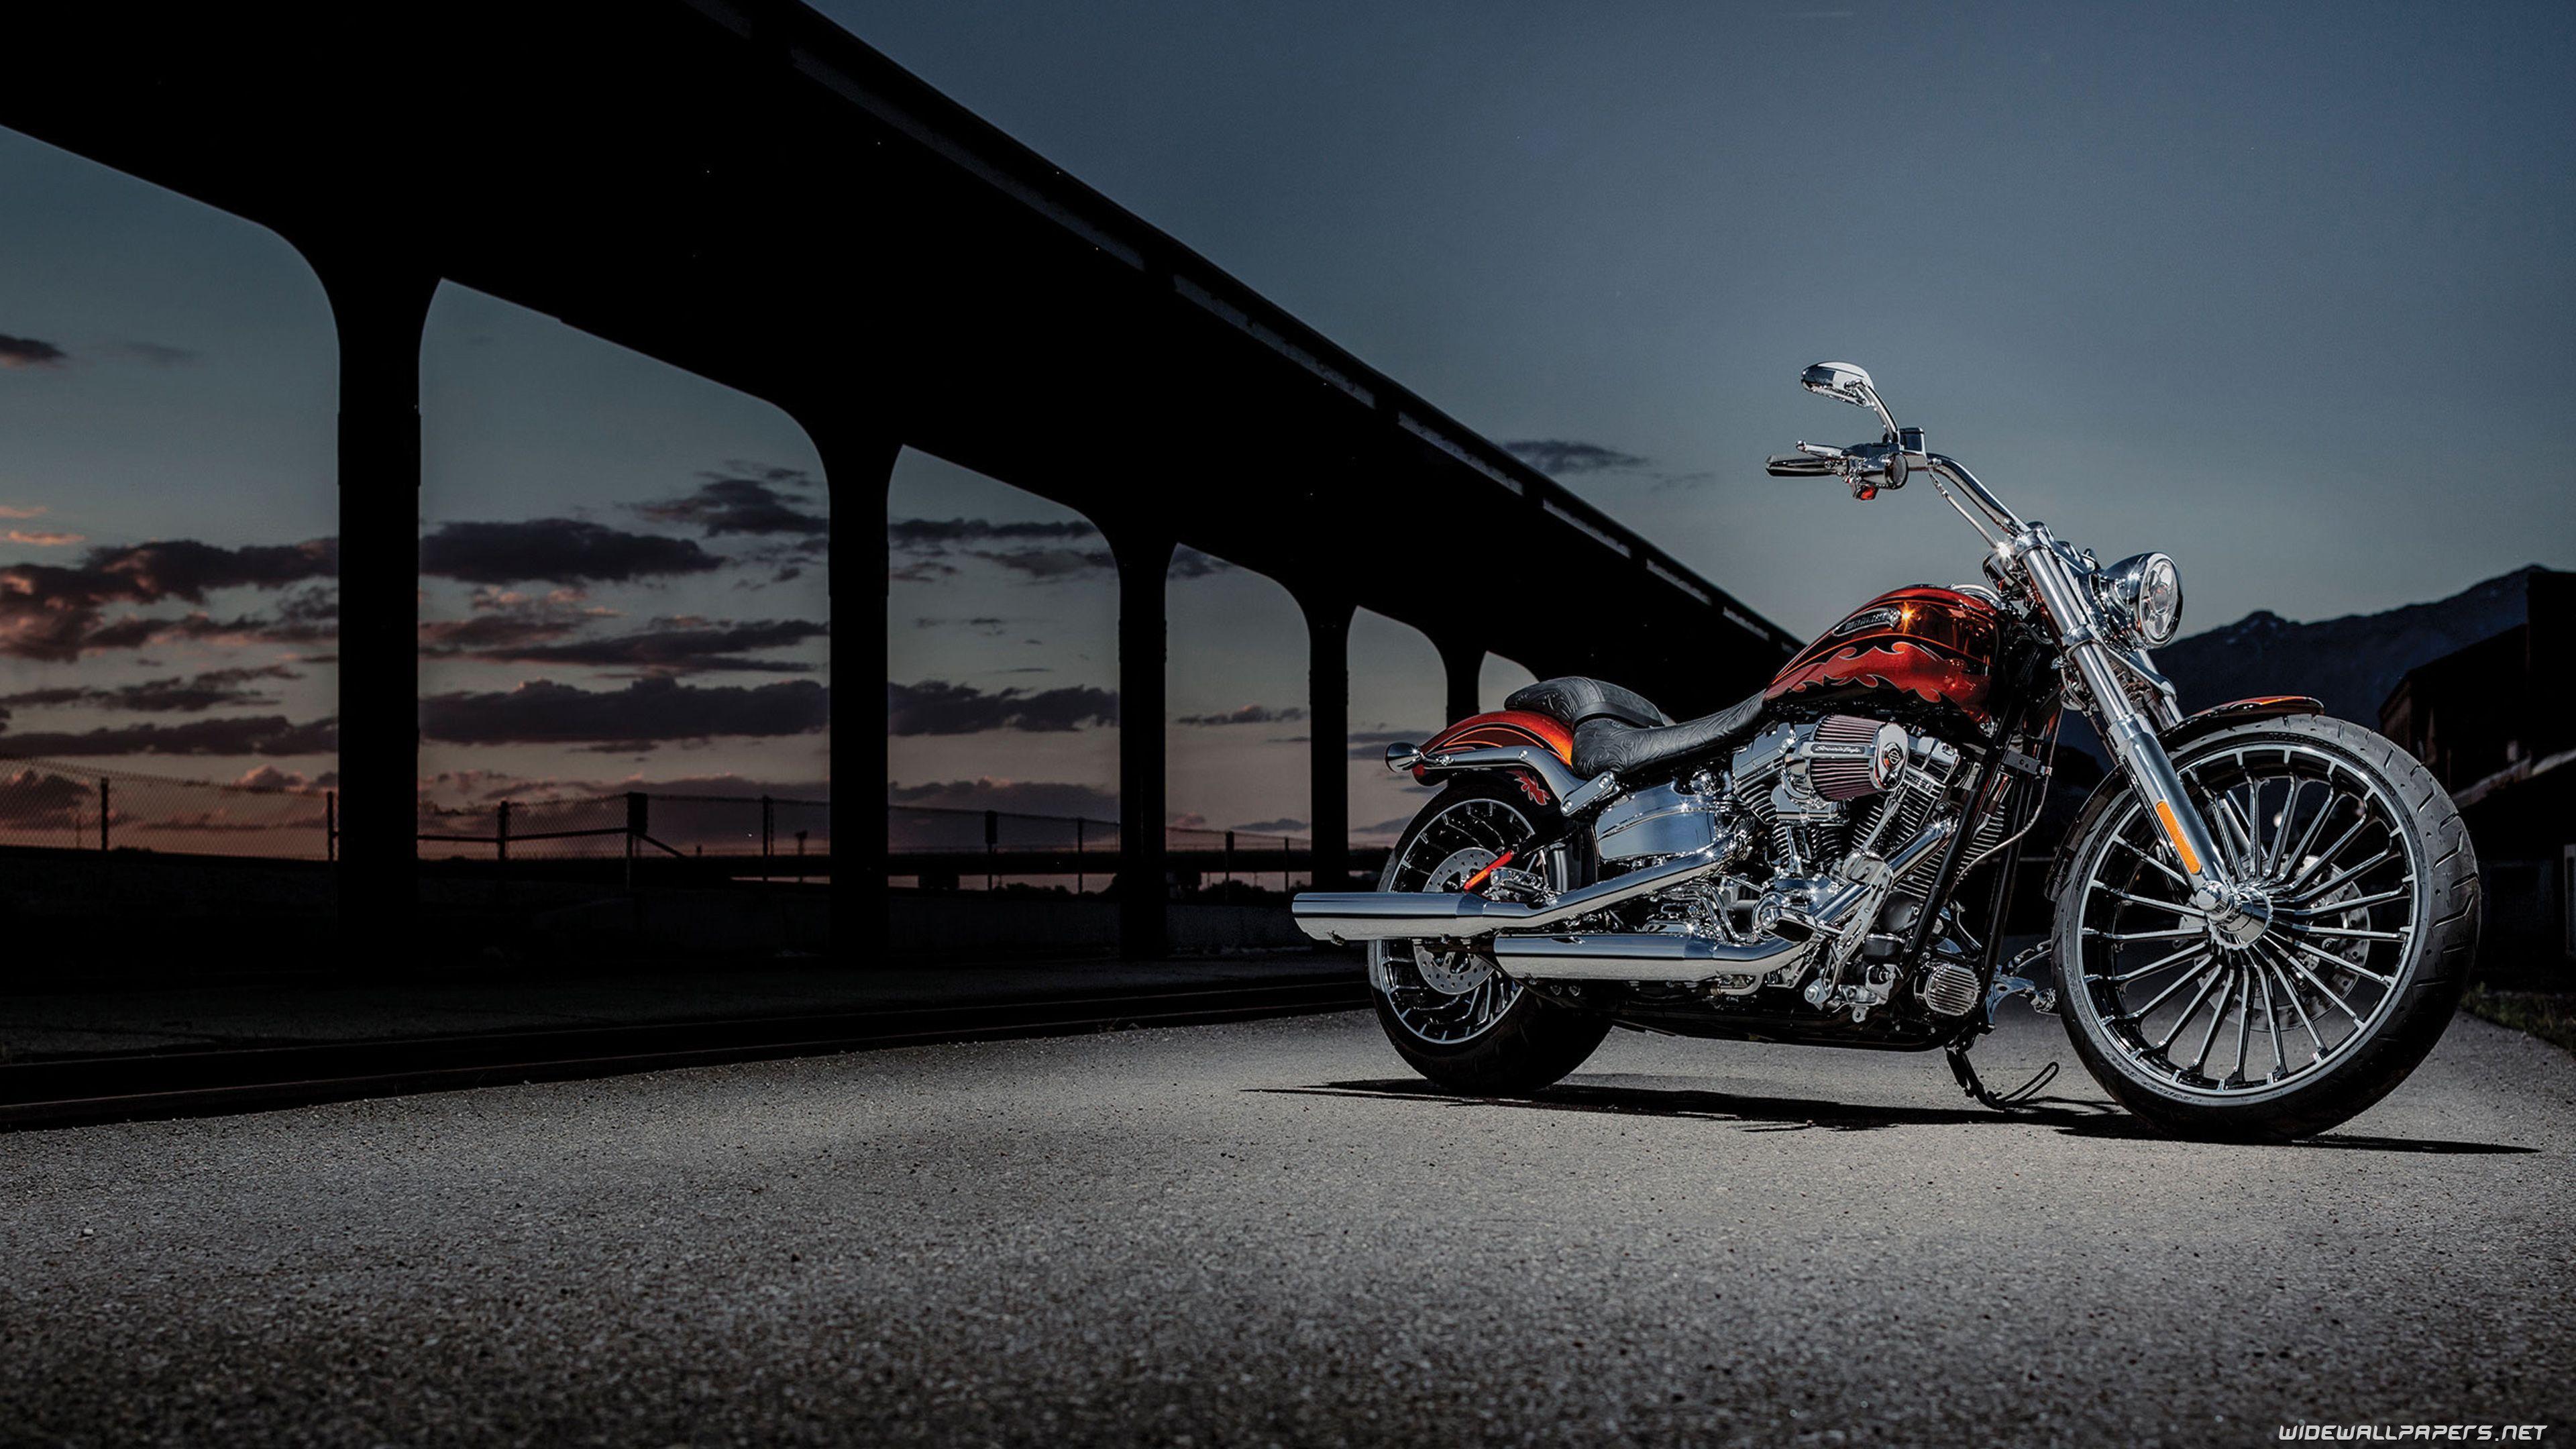 49 Harley Davidson Images for Free (2MTX Harley Davidson Wallpapers)